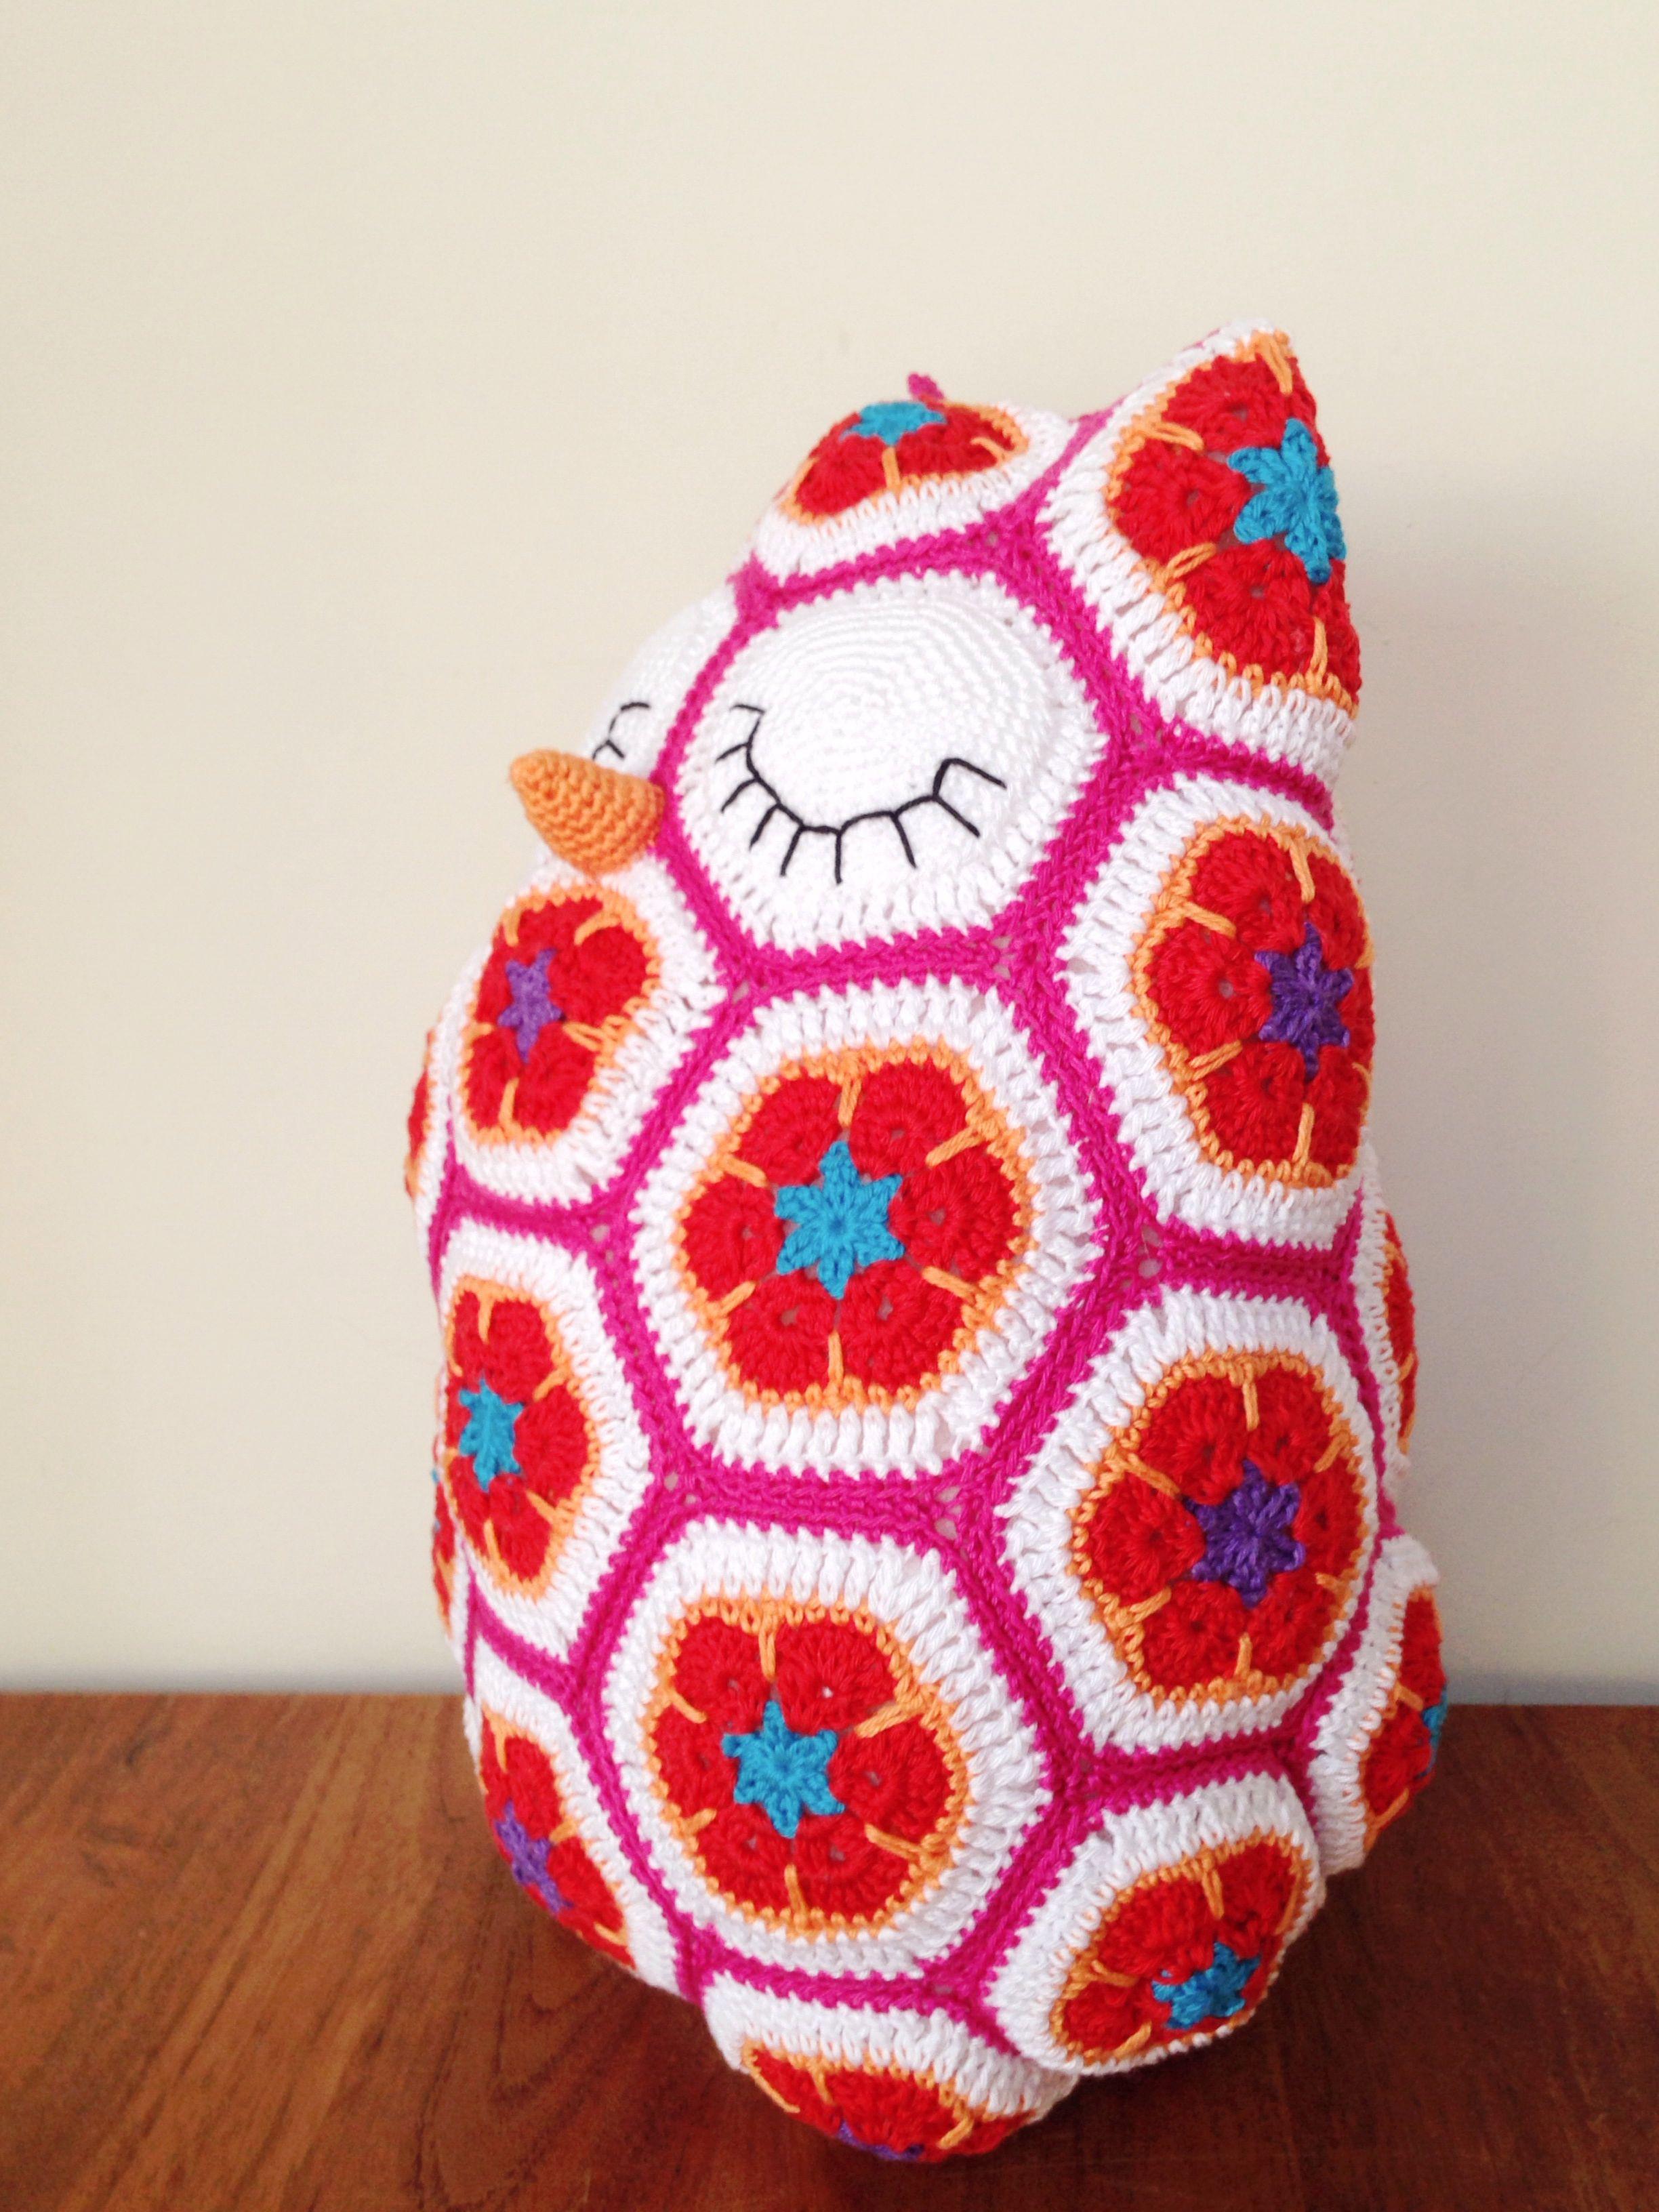 Maggie The Owl Crochet African Flower Maggie De Uil Gehaakt